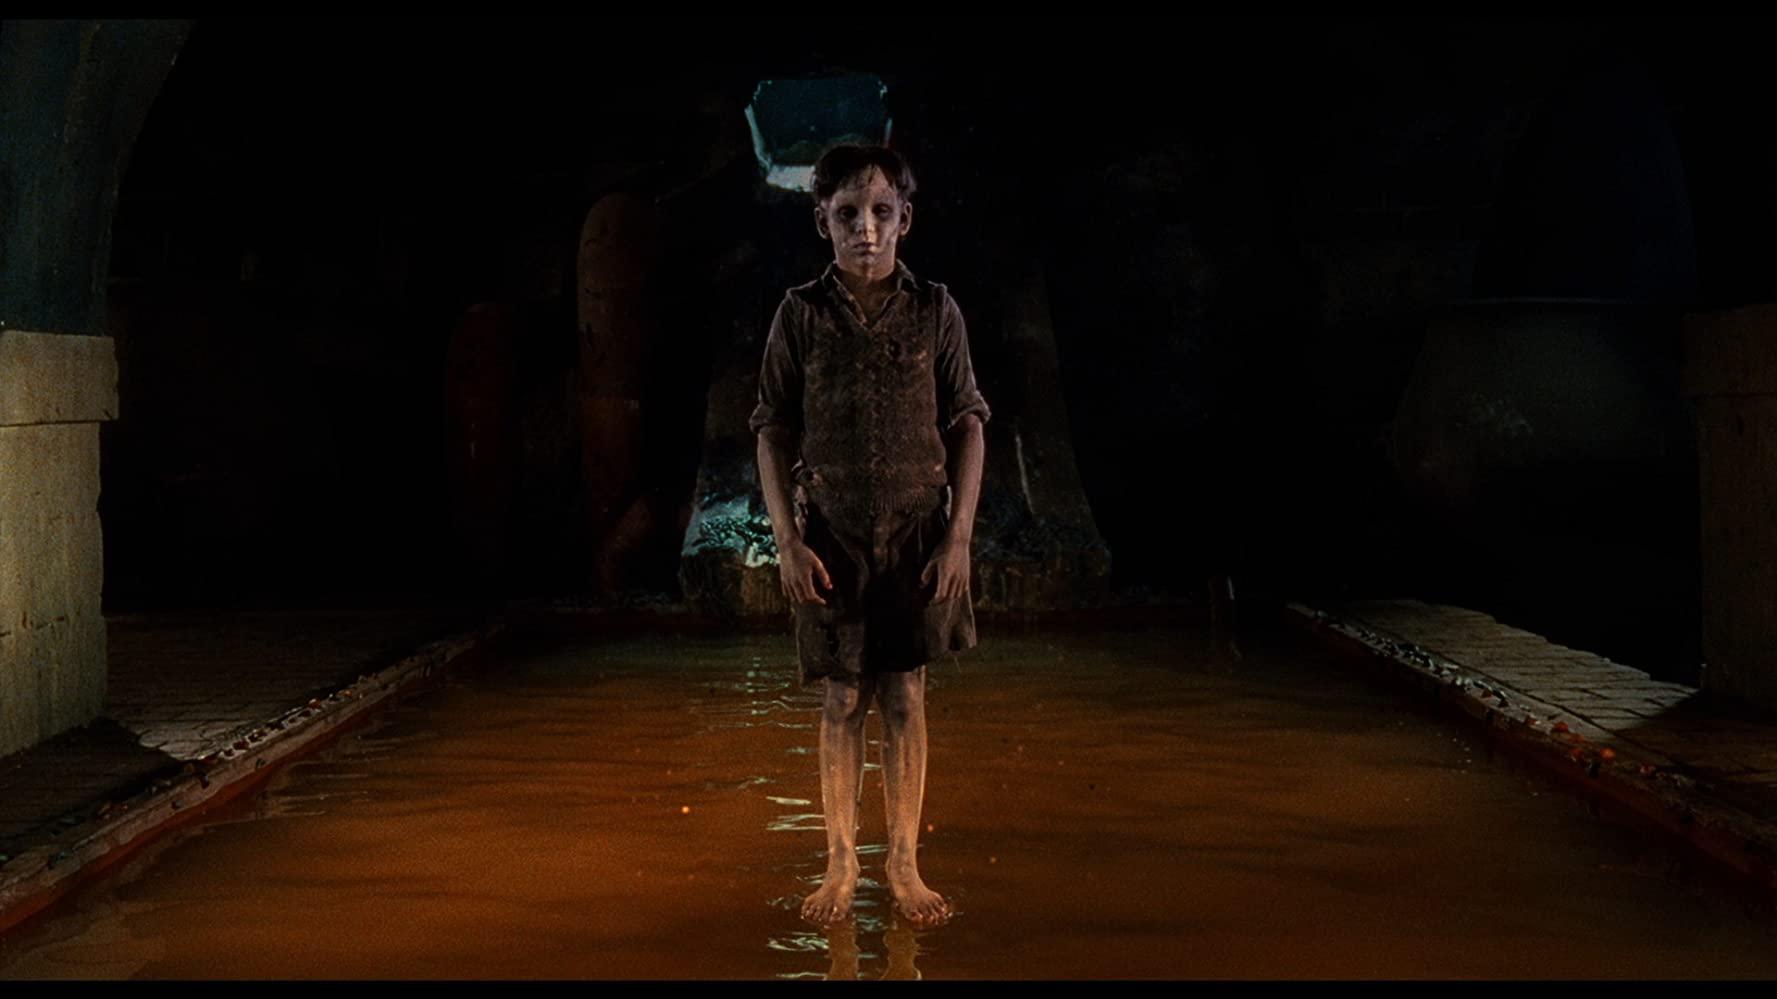 Little Monsters: Children in Spanish Horror